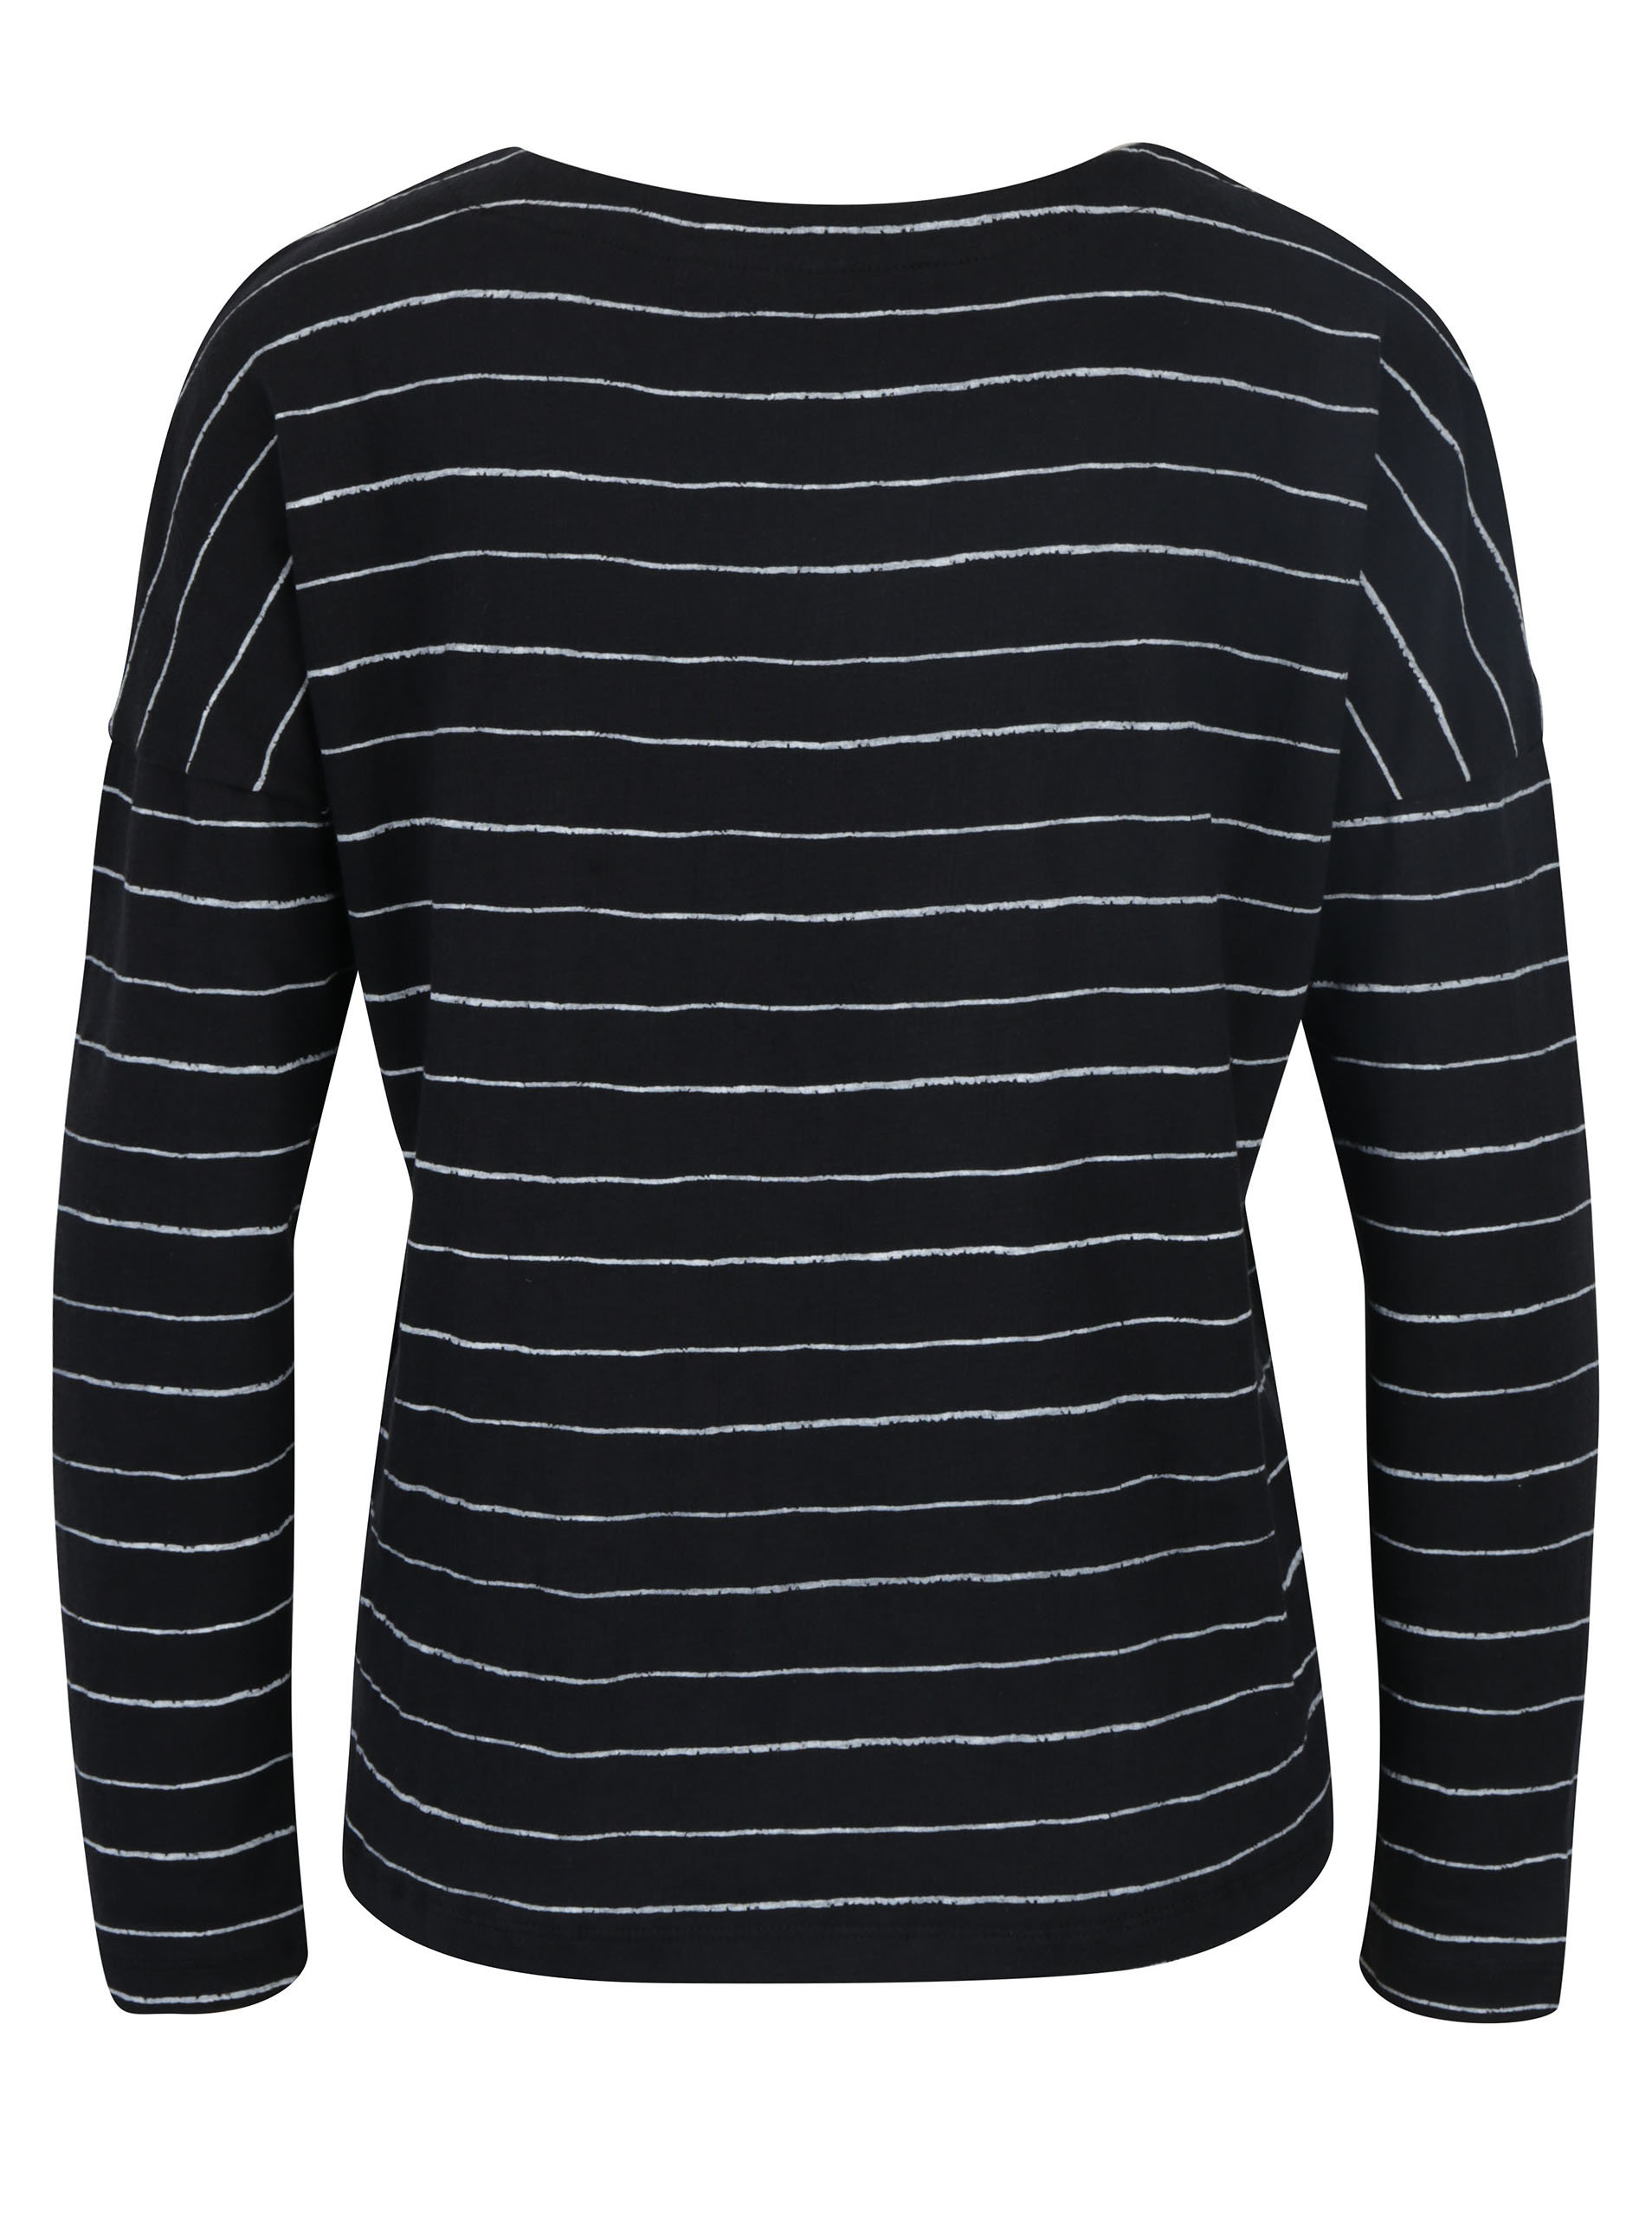 Černo-bílé dámské pruhované tričko Roxy Dream Taste ... 4134de1fa9